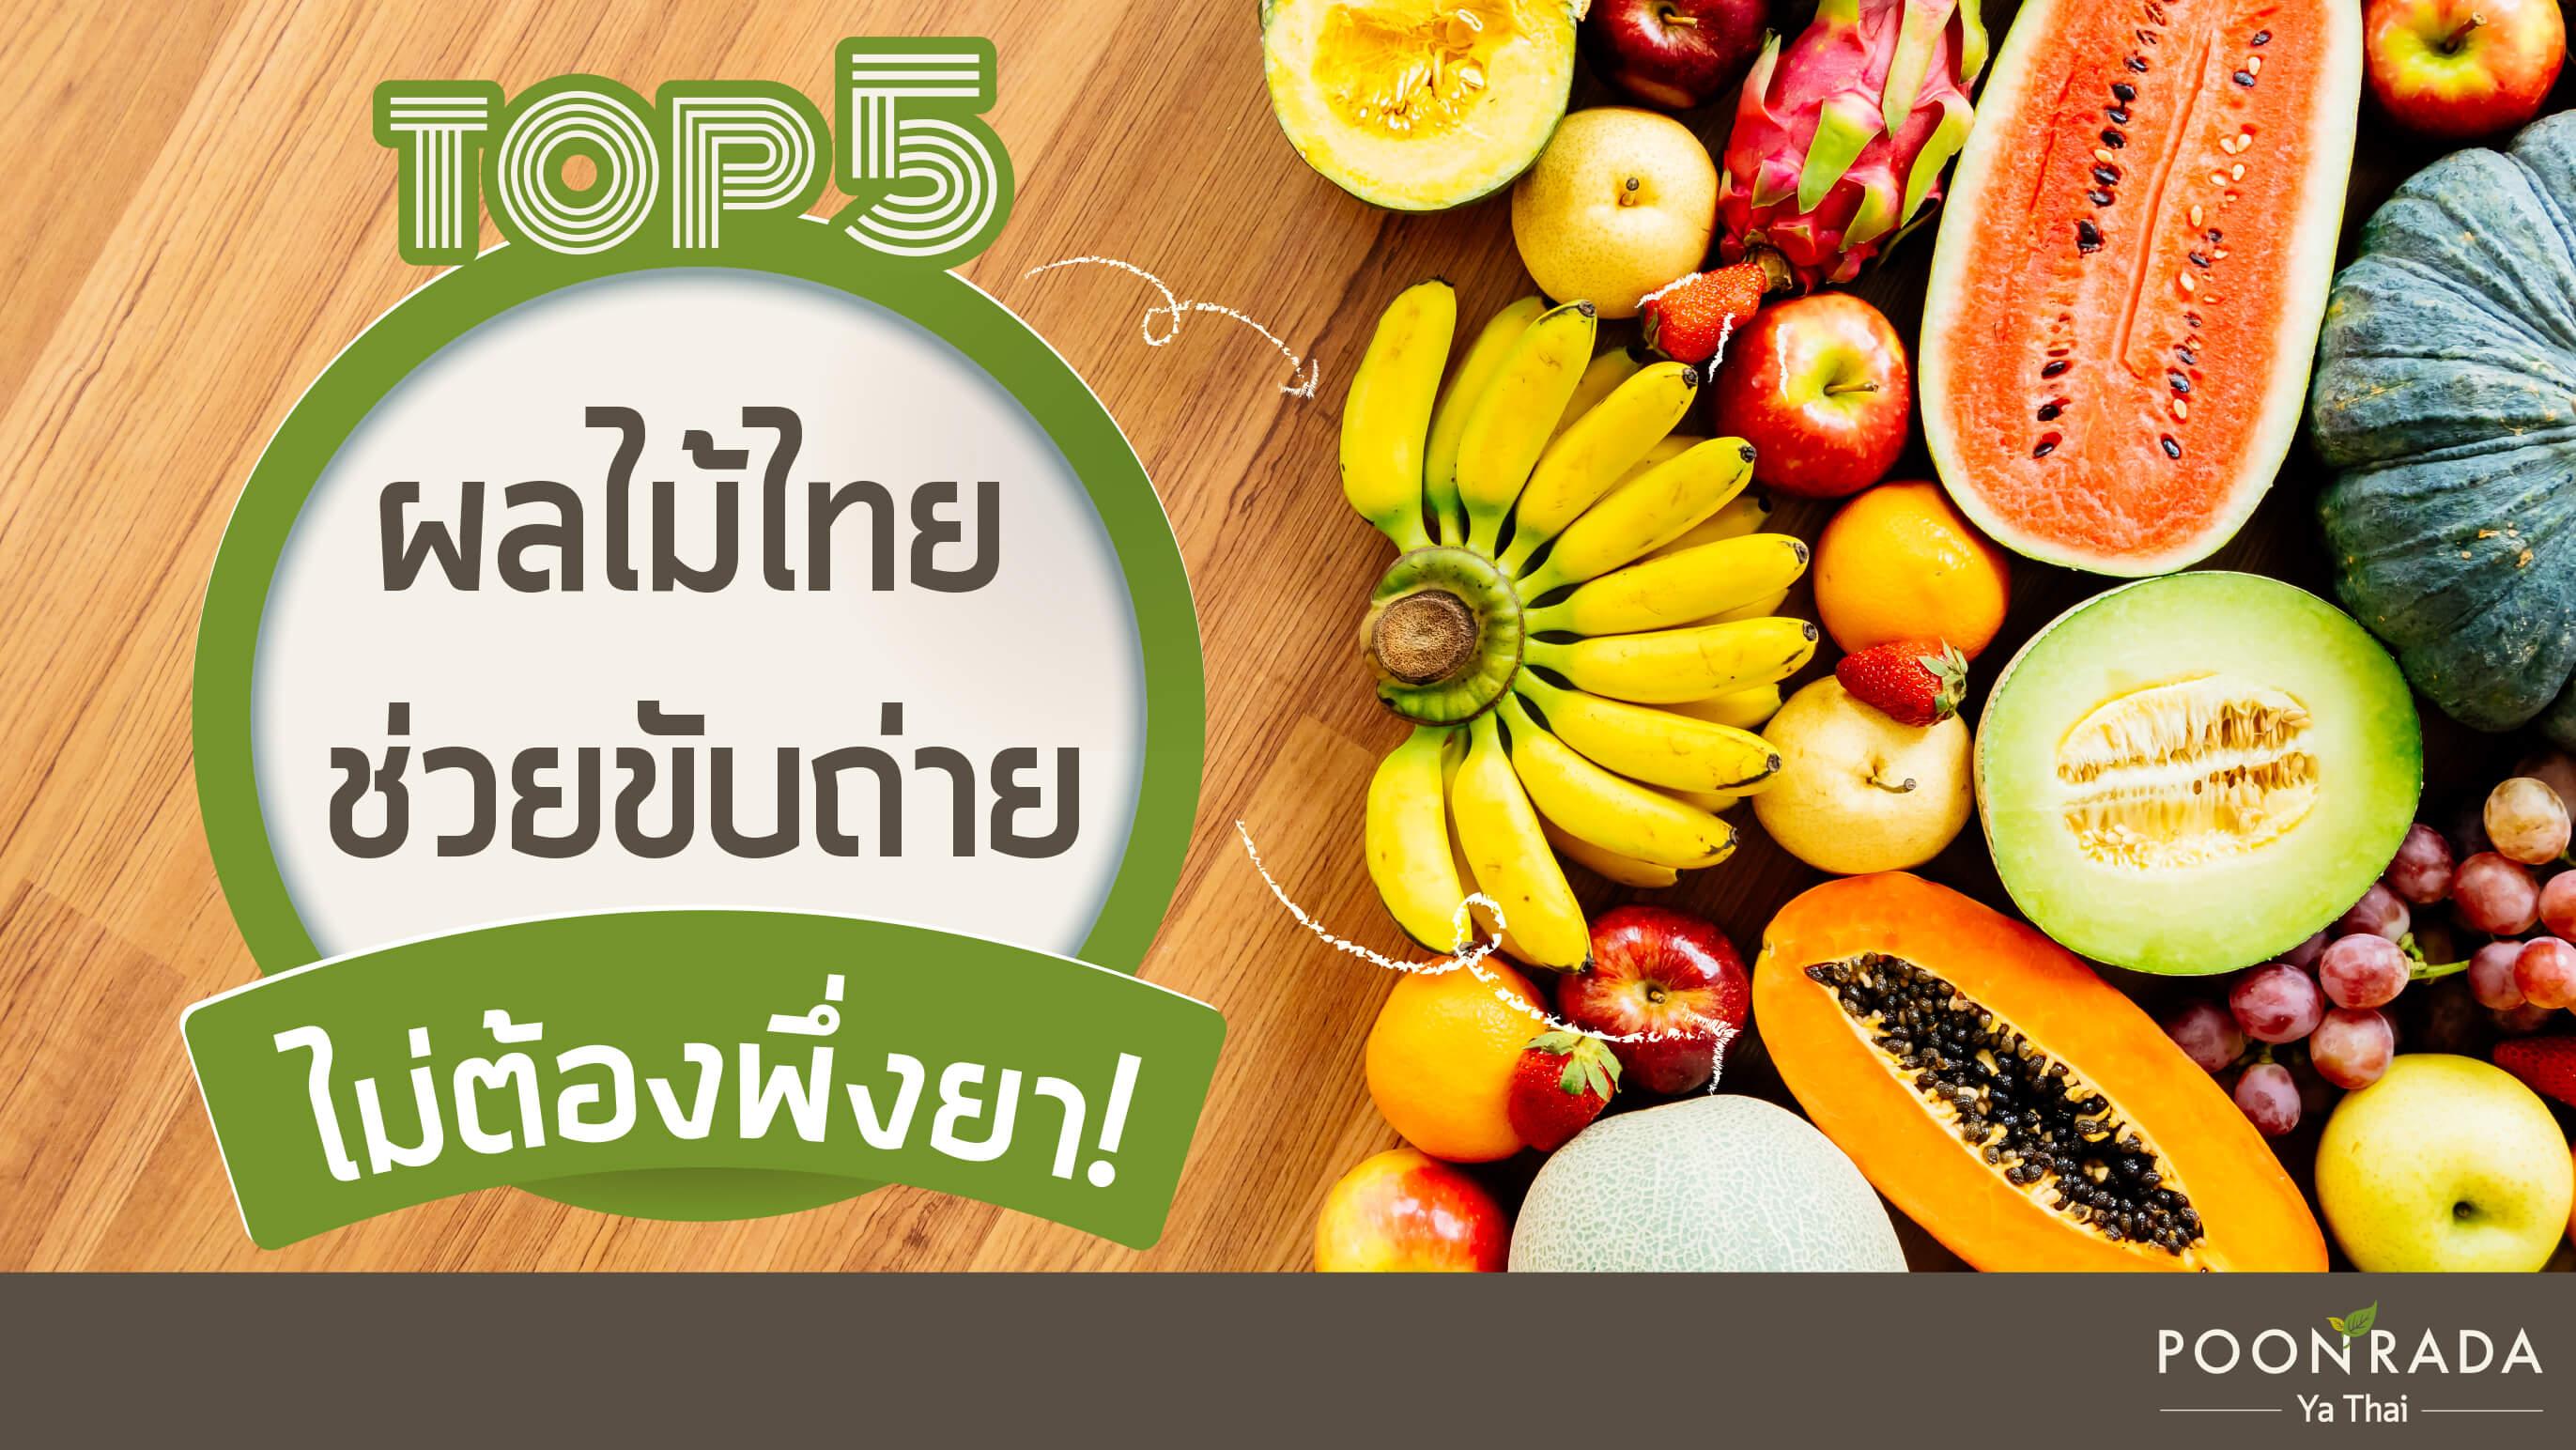 Top5 ผลไม้ไทย ช่วยขับถ่าย ไม่ต้องพึ่งยา